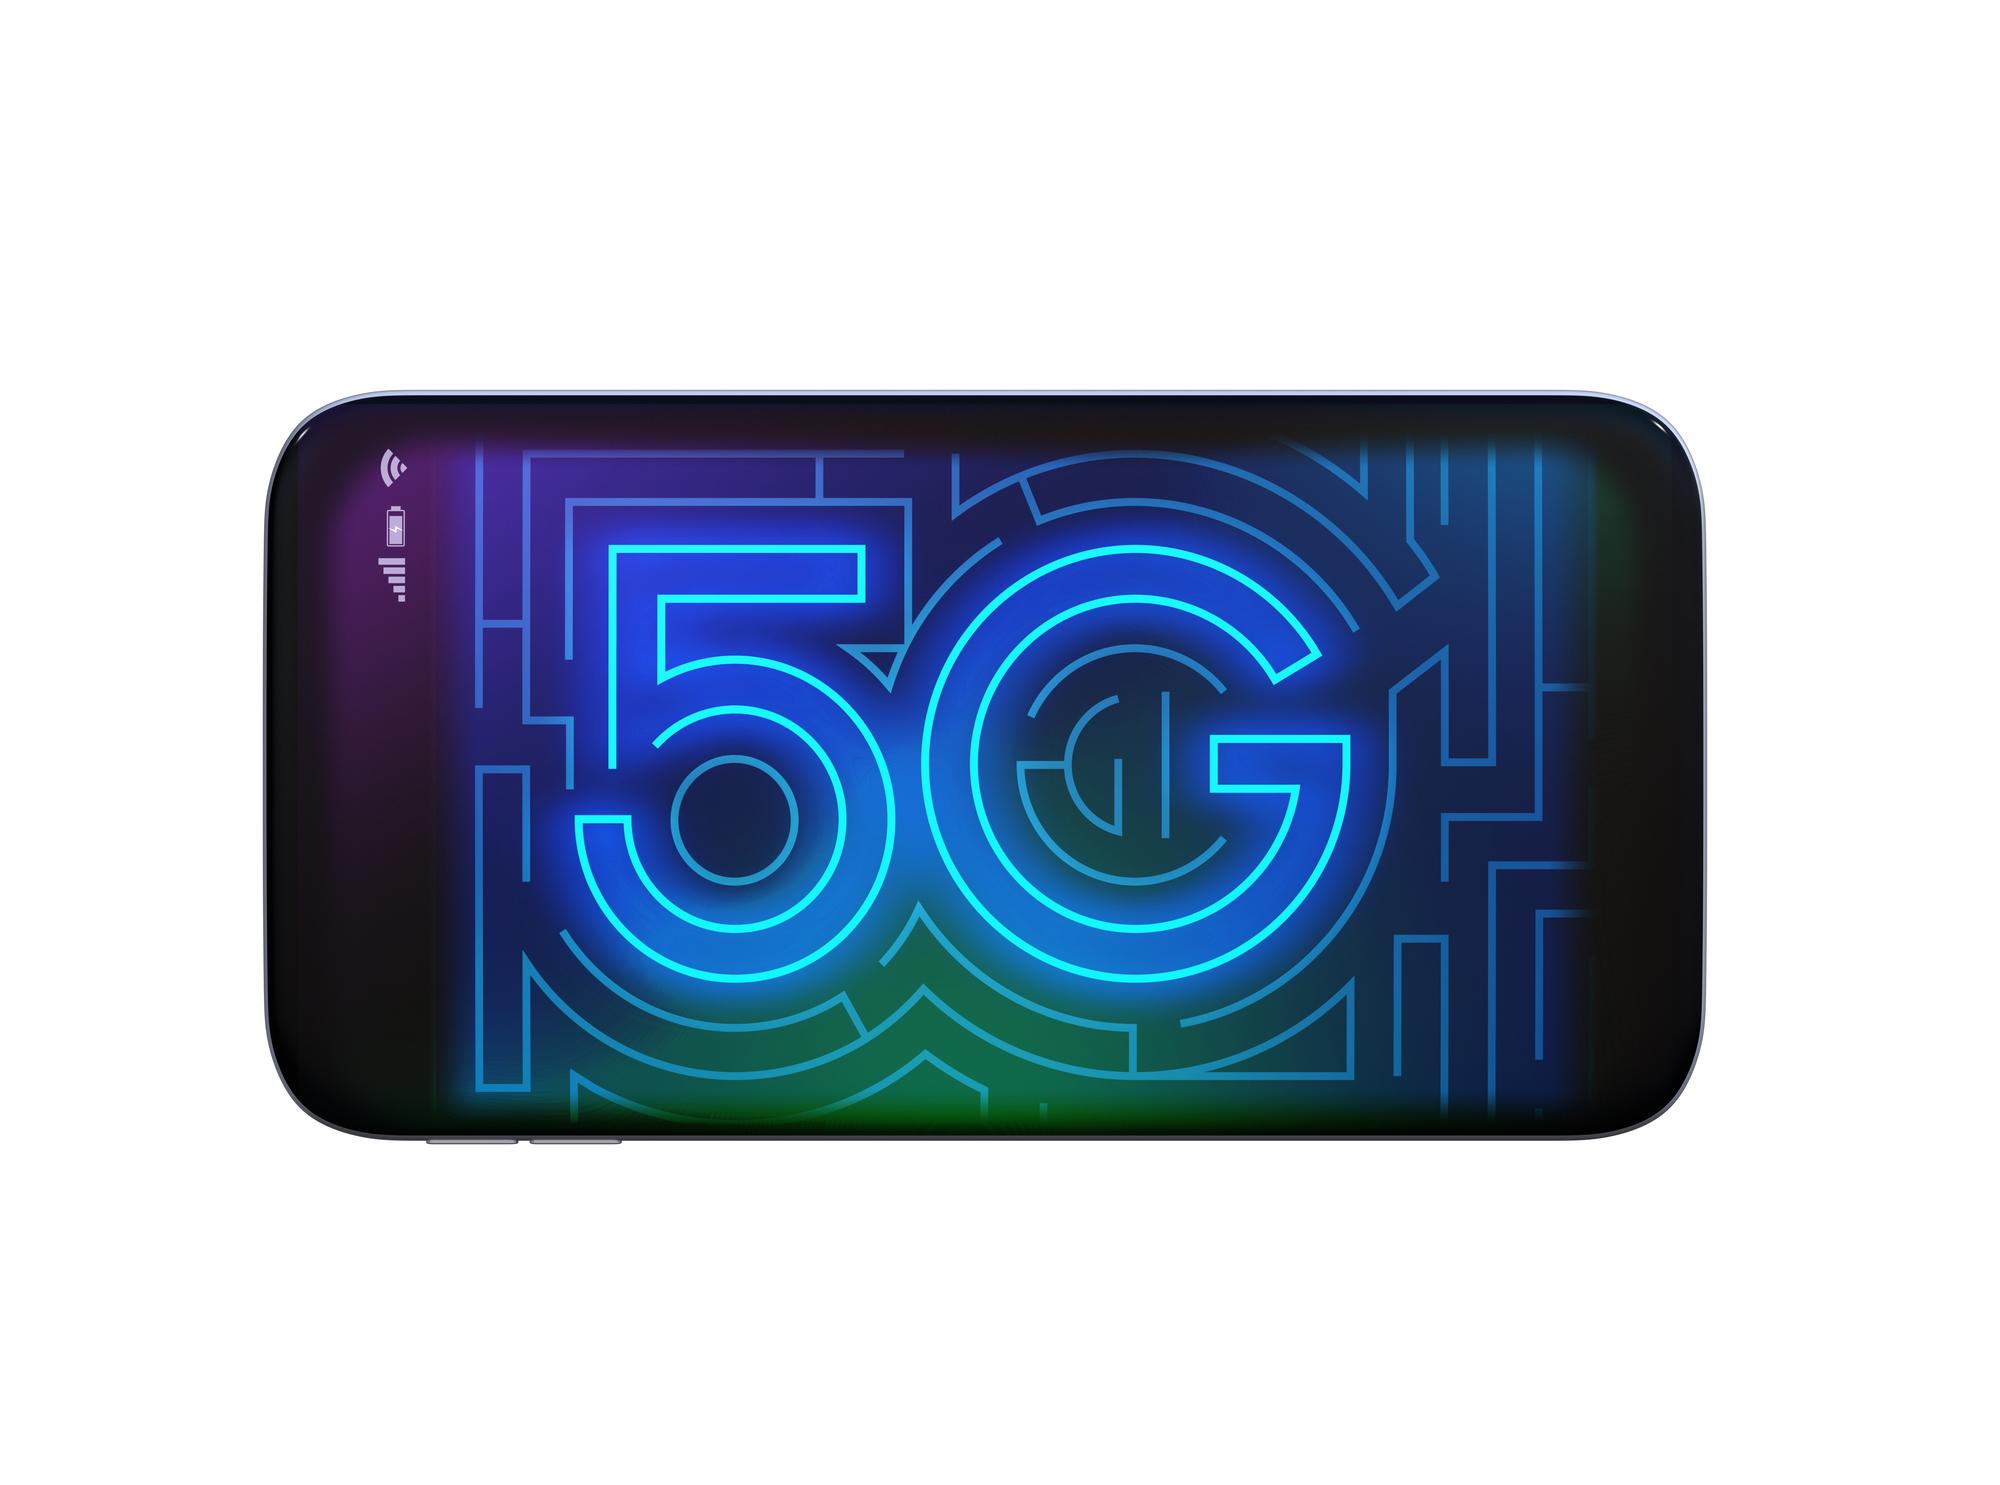 6_【5G端末】価格は?の日本での発売日は?iPhoneに搭載される?ベストな買い替え時期は?